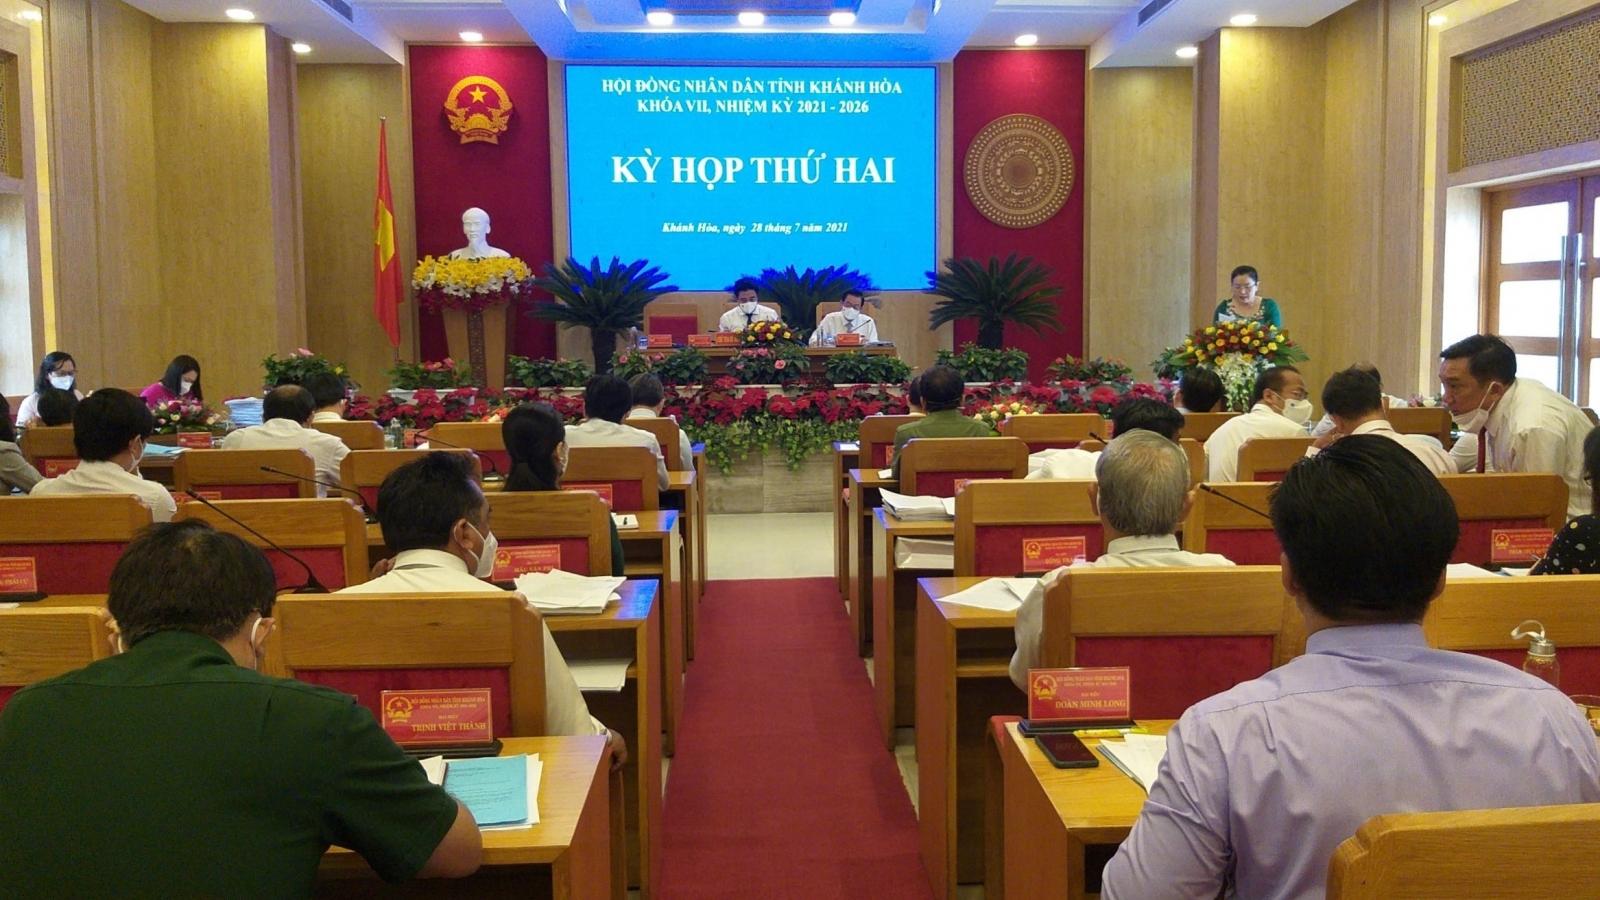 Khánh Hòa: 207 tỷ đồng mua vaccine Covid-19 để tiêm cho người dân